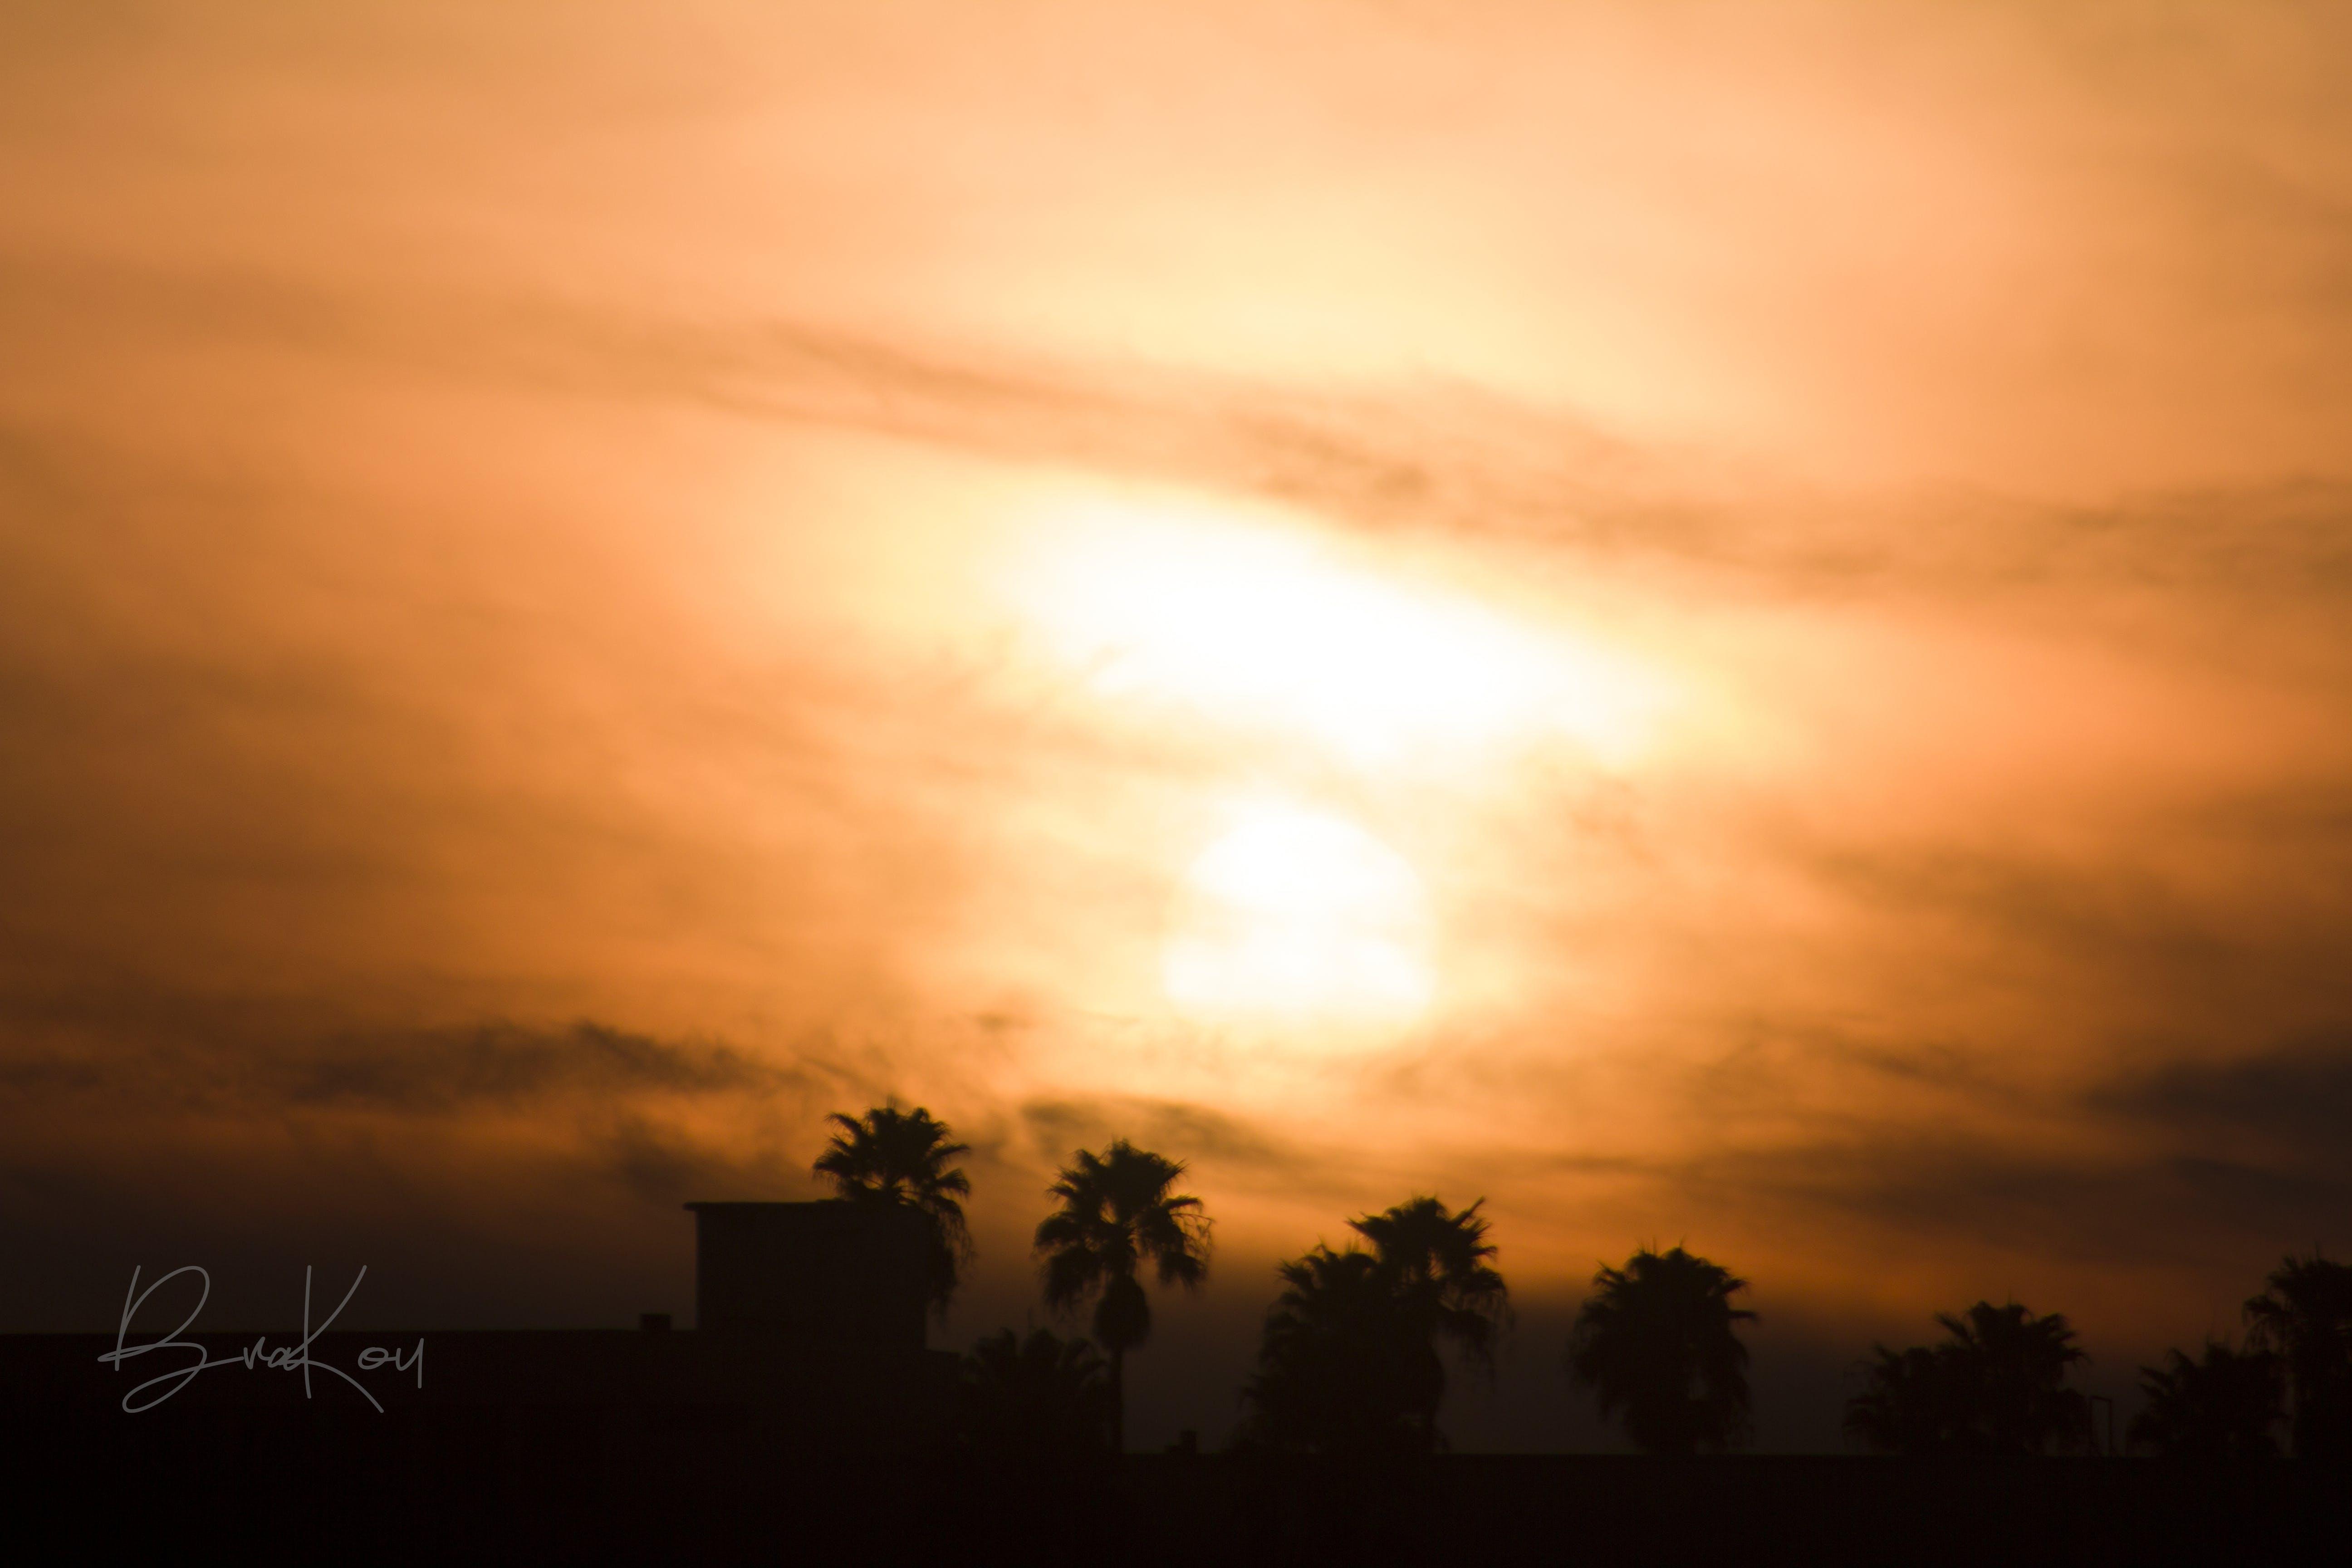 dramatická obloha, facepalm, oranžová obloha